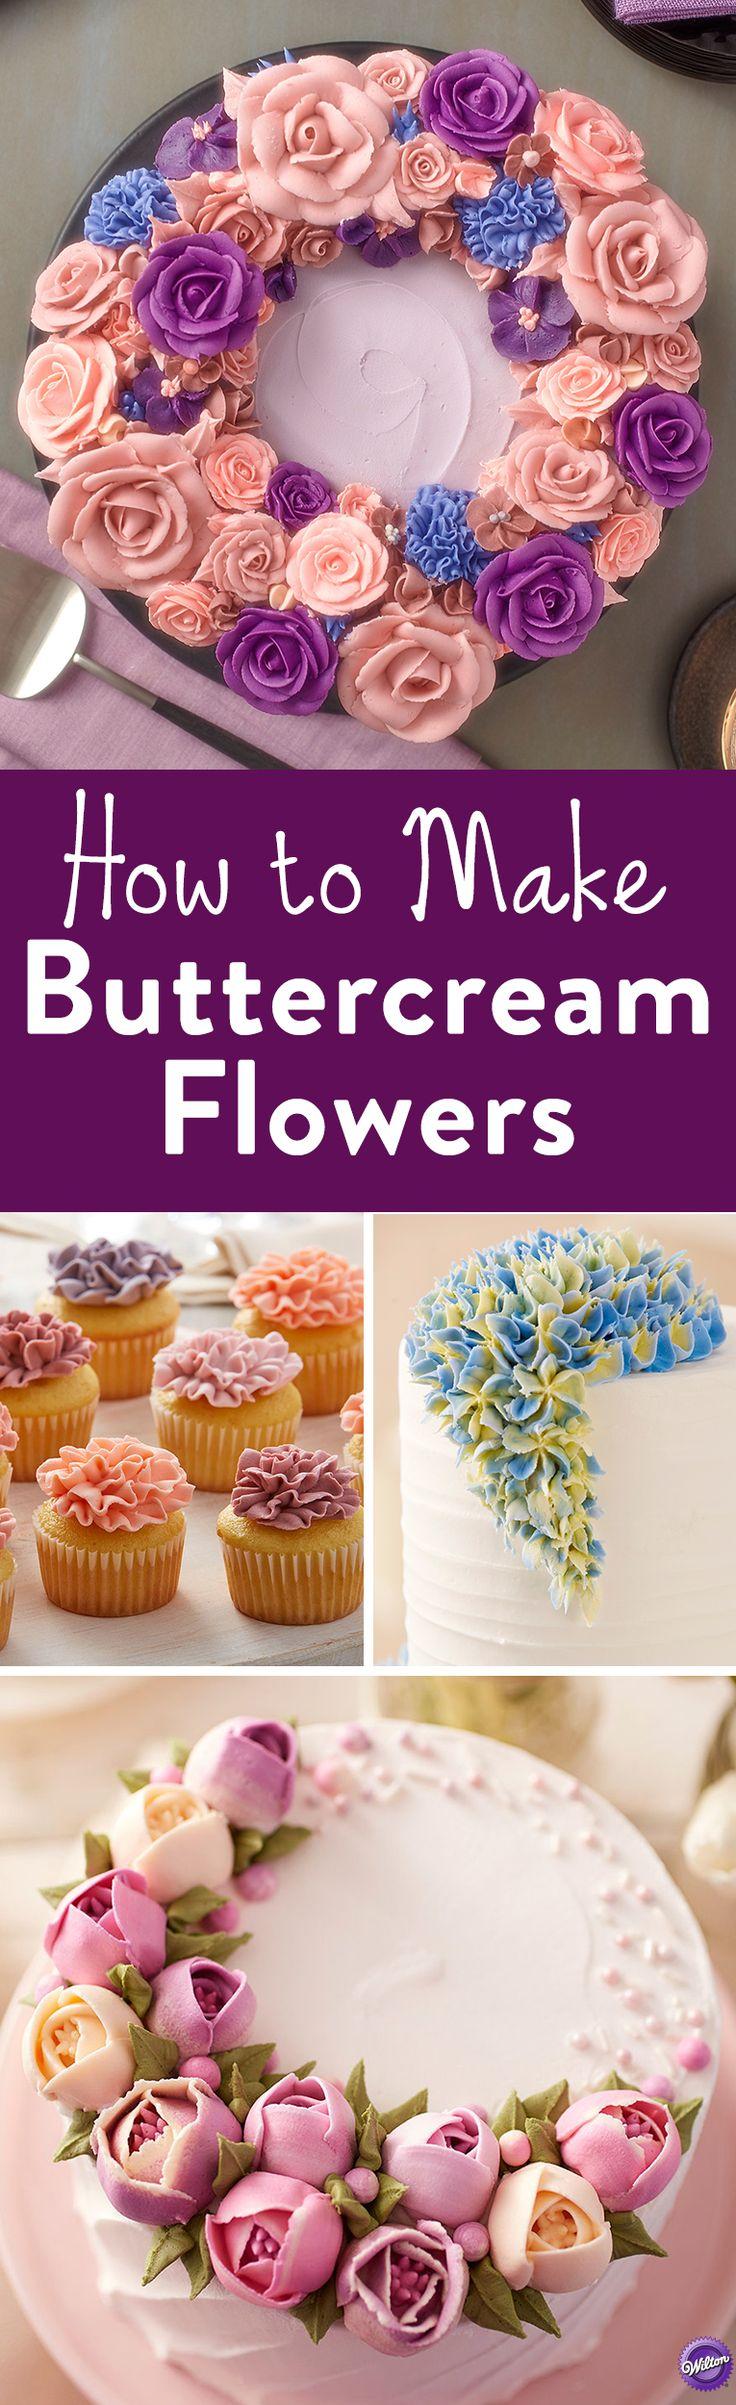 2016 Cake Trend Alert: Buttercream Flowers